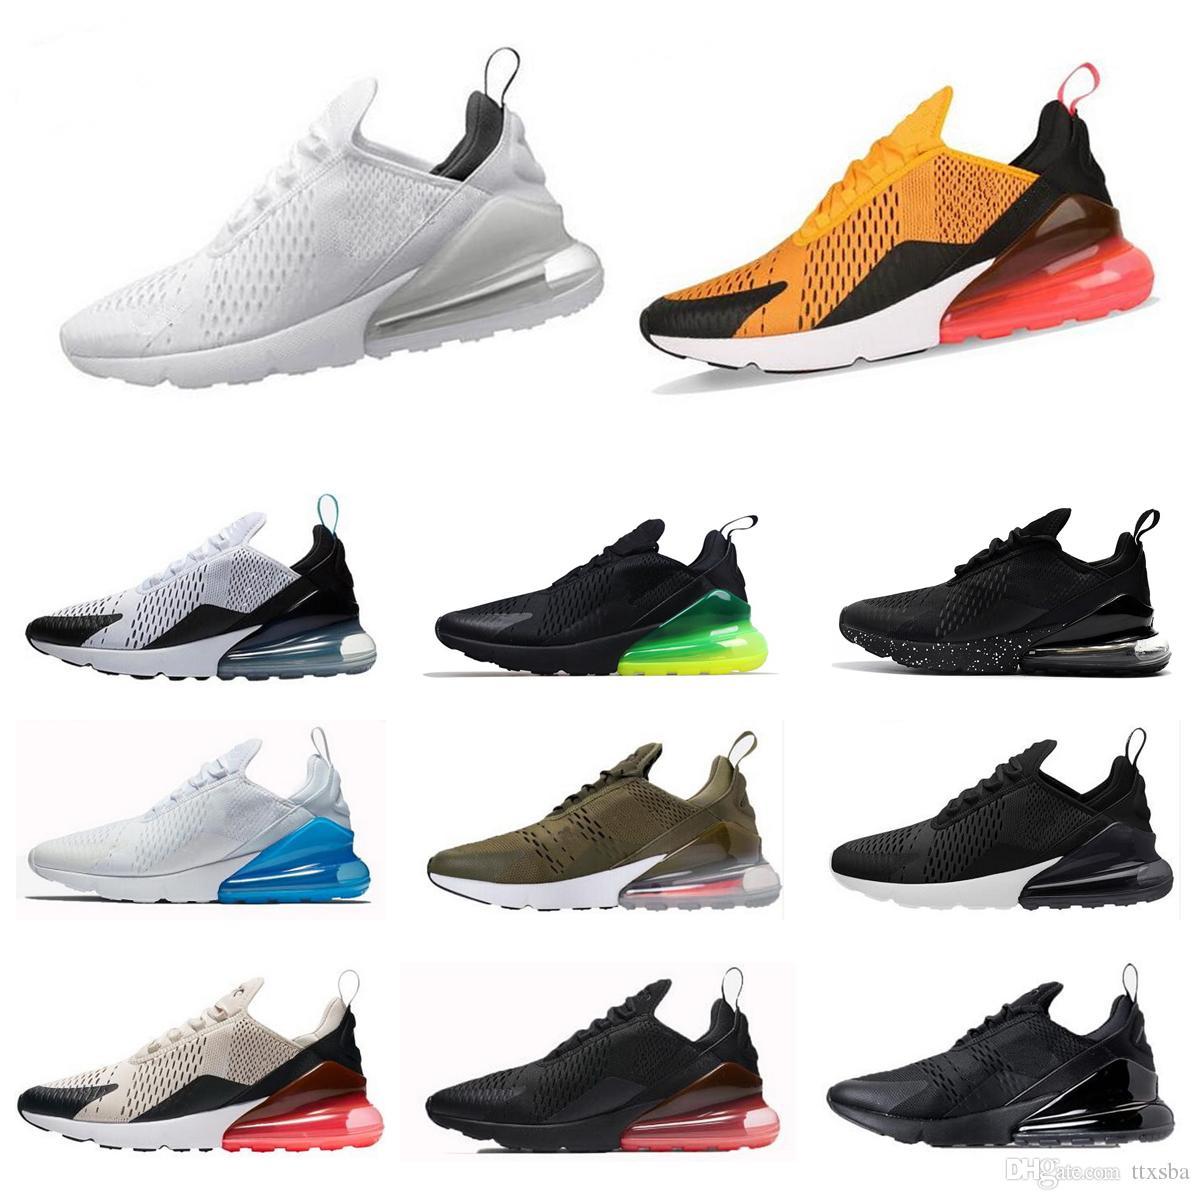 buy popular ab181 7b824 Compre 270 Para Hombre Nueva Moda 270 Zapatos Casuales 27C Zapatos Casuales  Para Hombres Mujeres Al Por Mayor Flair Triple Negro Entrenador Zapatillas  De ...